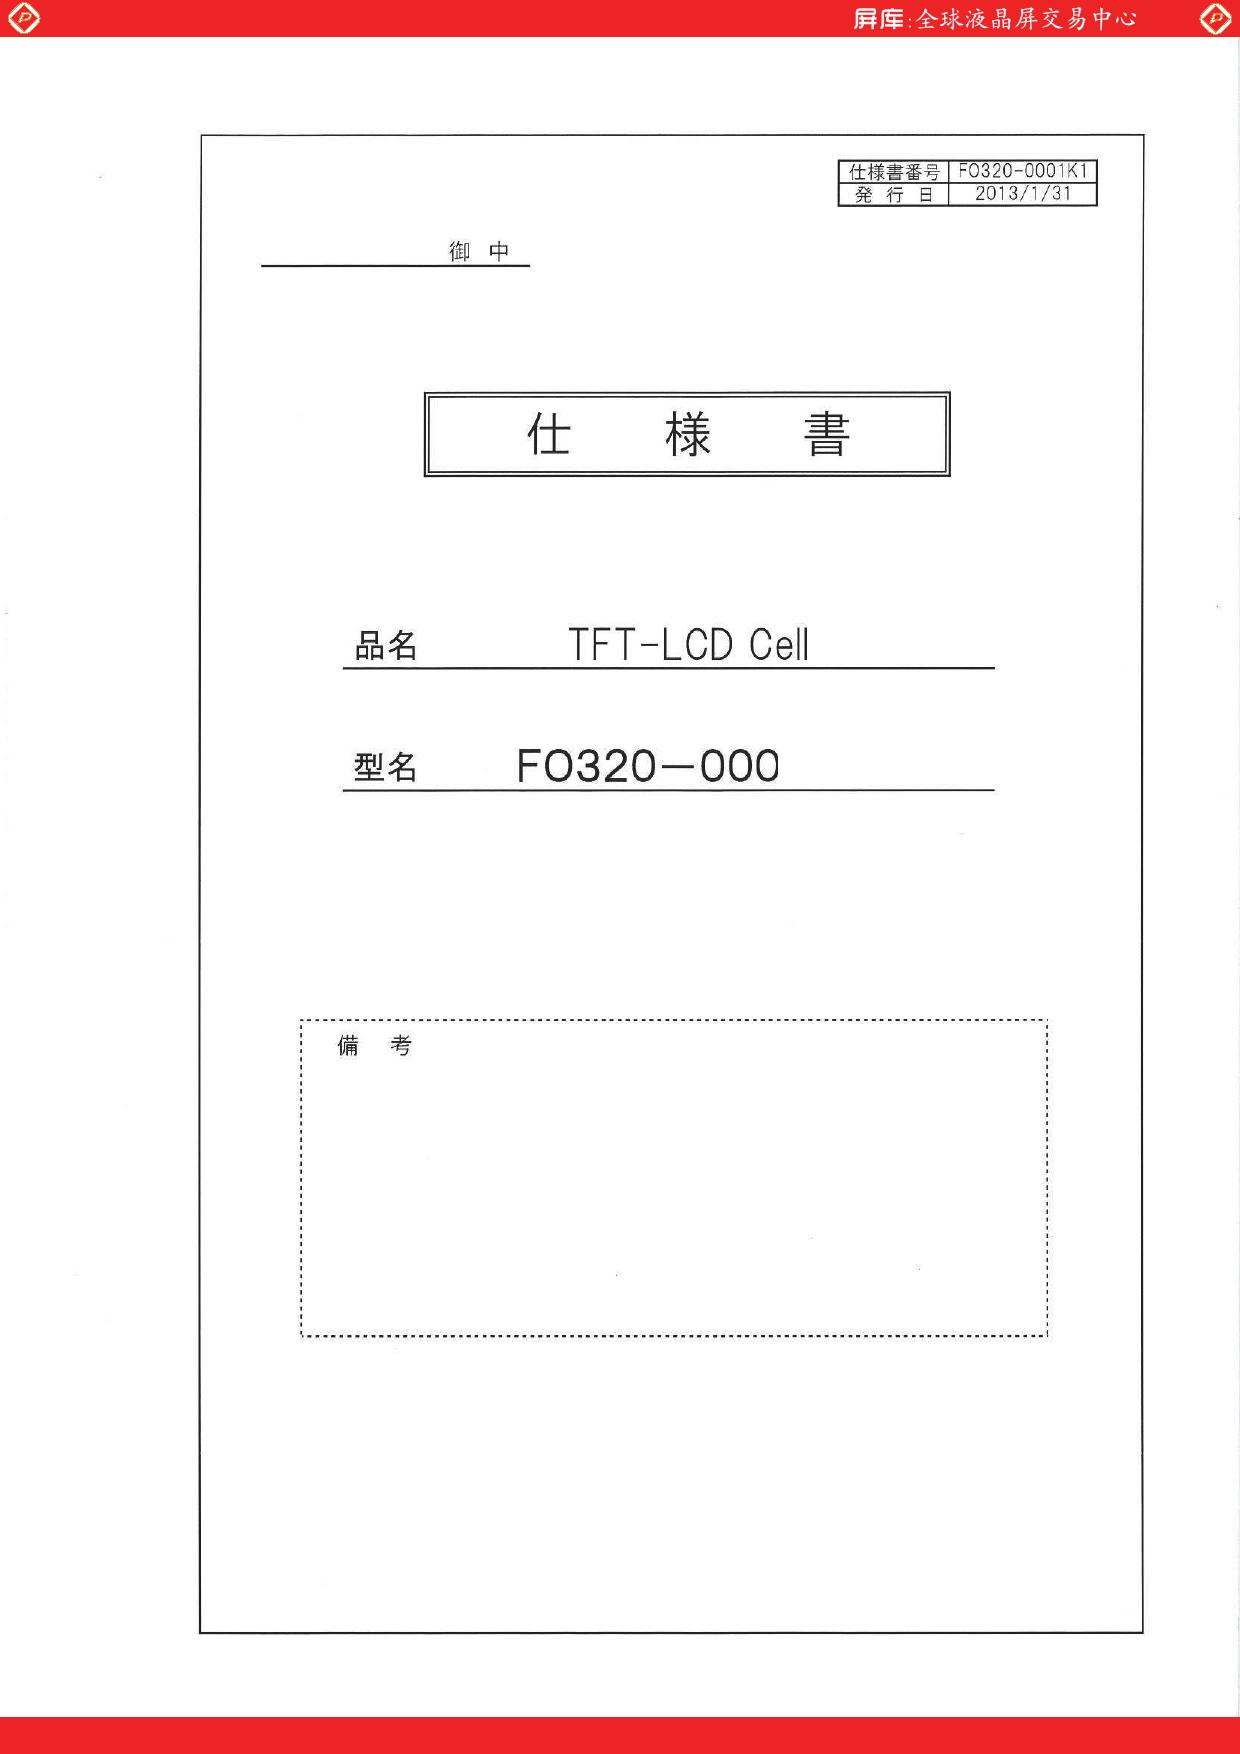 FO320-0002K Datenblatt PDF